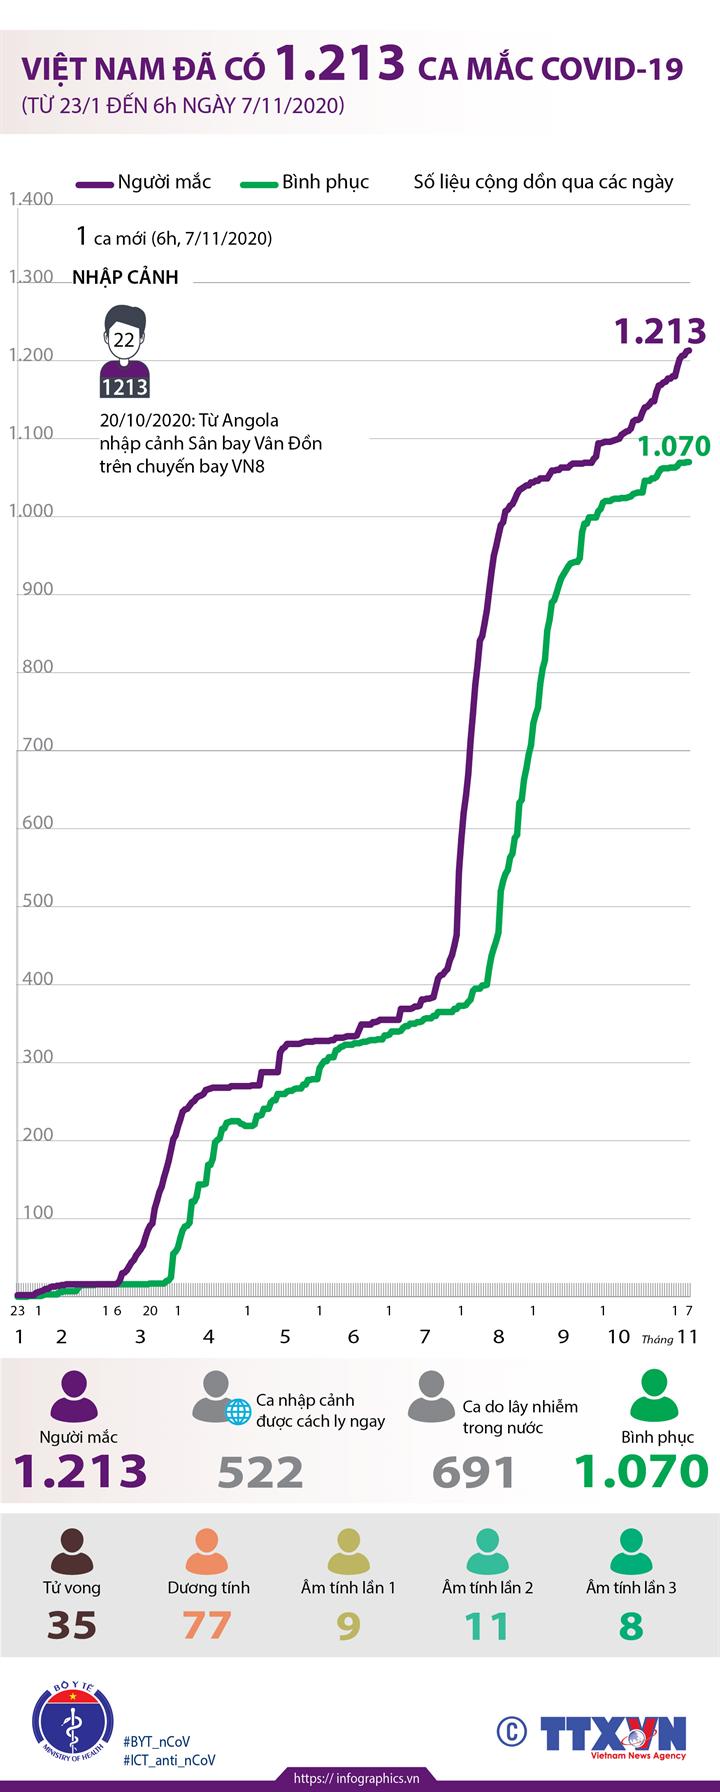 Việt Nam đã có 1.213 ca mắc COVID-19 (từ 23/1 đến 6h ngày 7/11/2020)